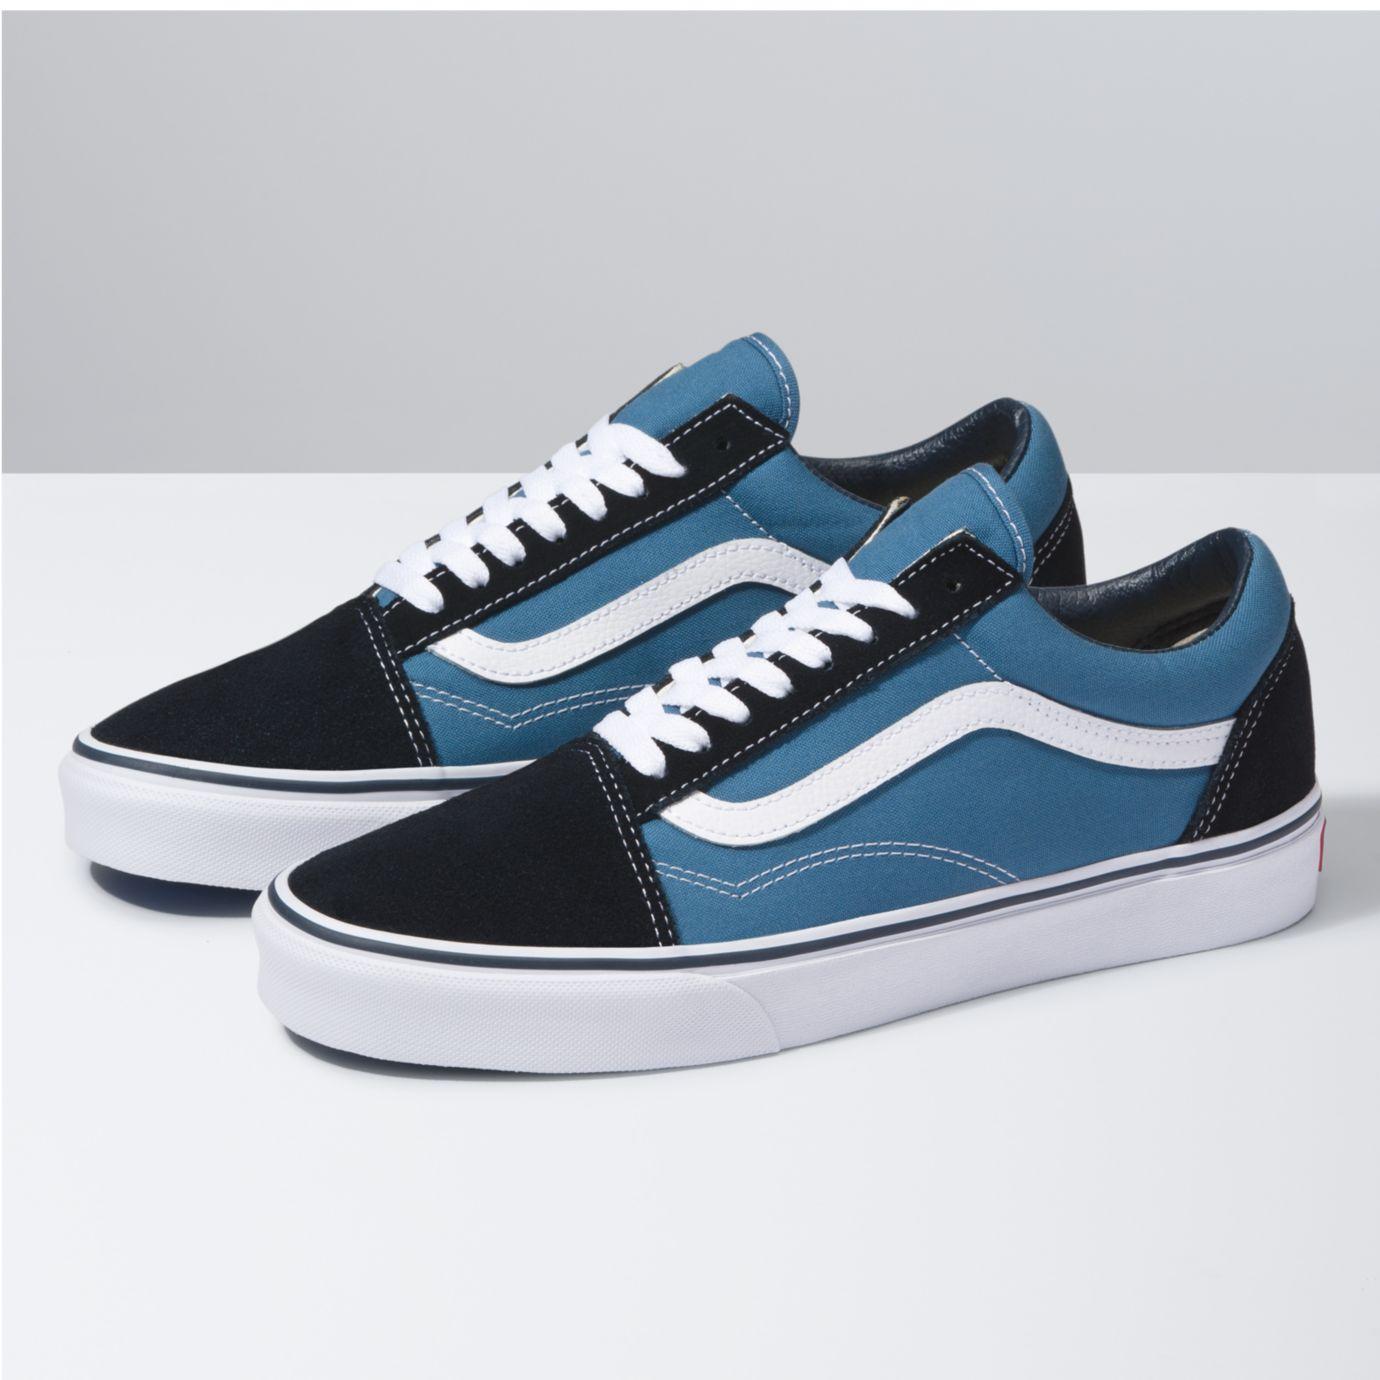 vans disney shoes adult